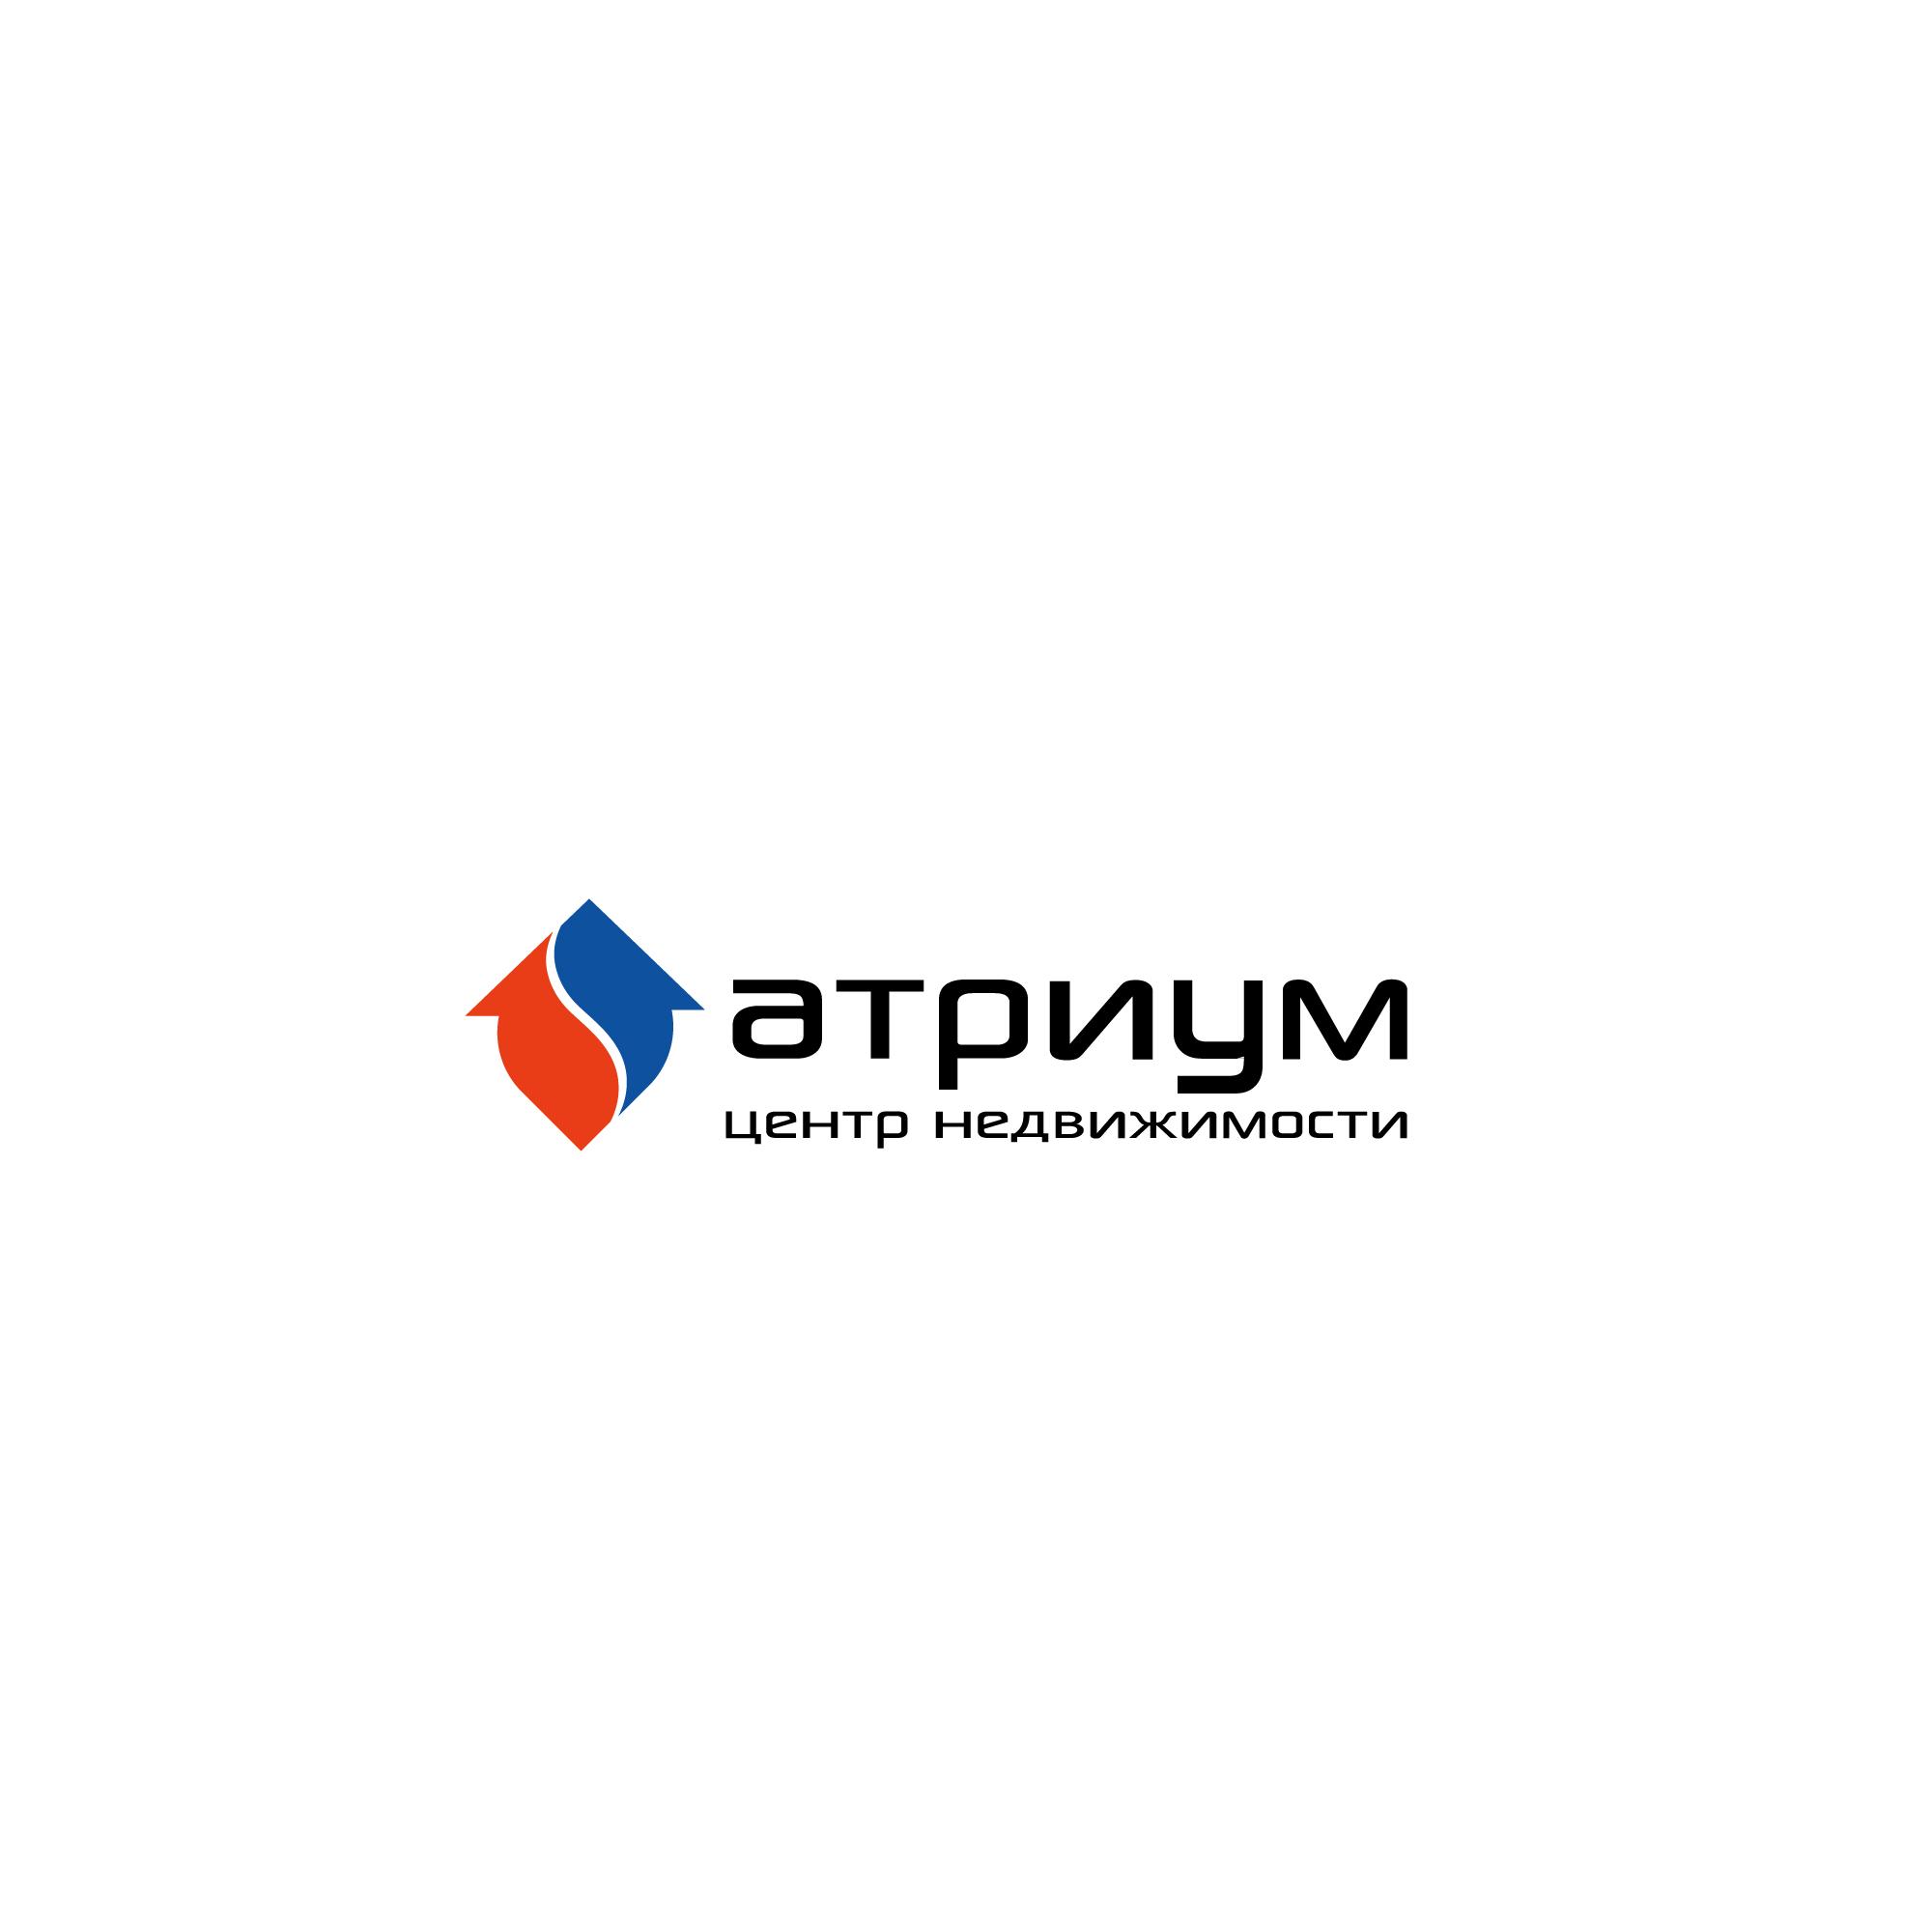 Редизайн / модернизация логотипа Центра недвижимости фото f_7505bcd925ca6020.jpg